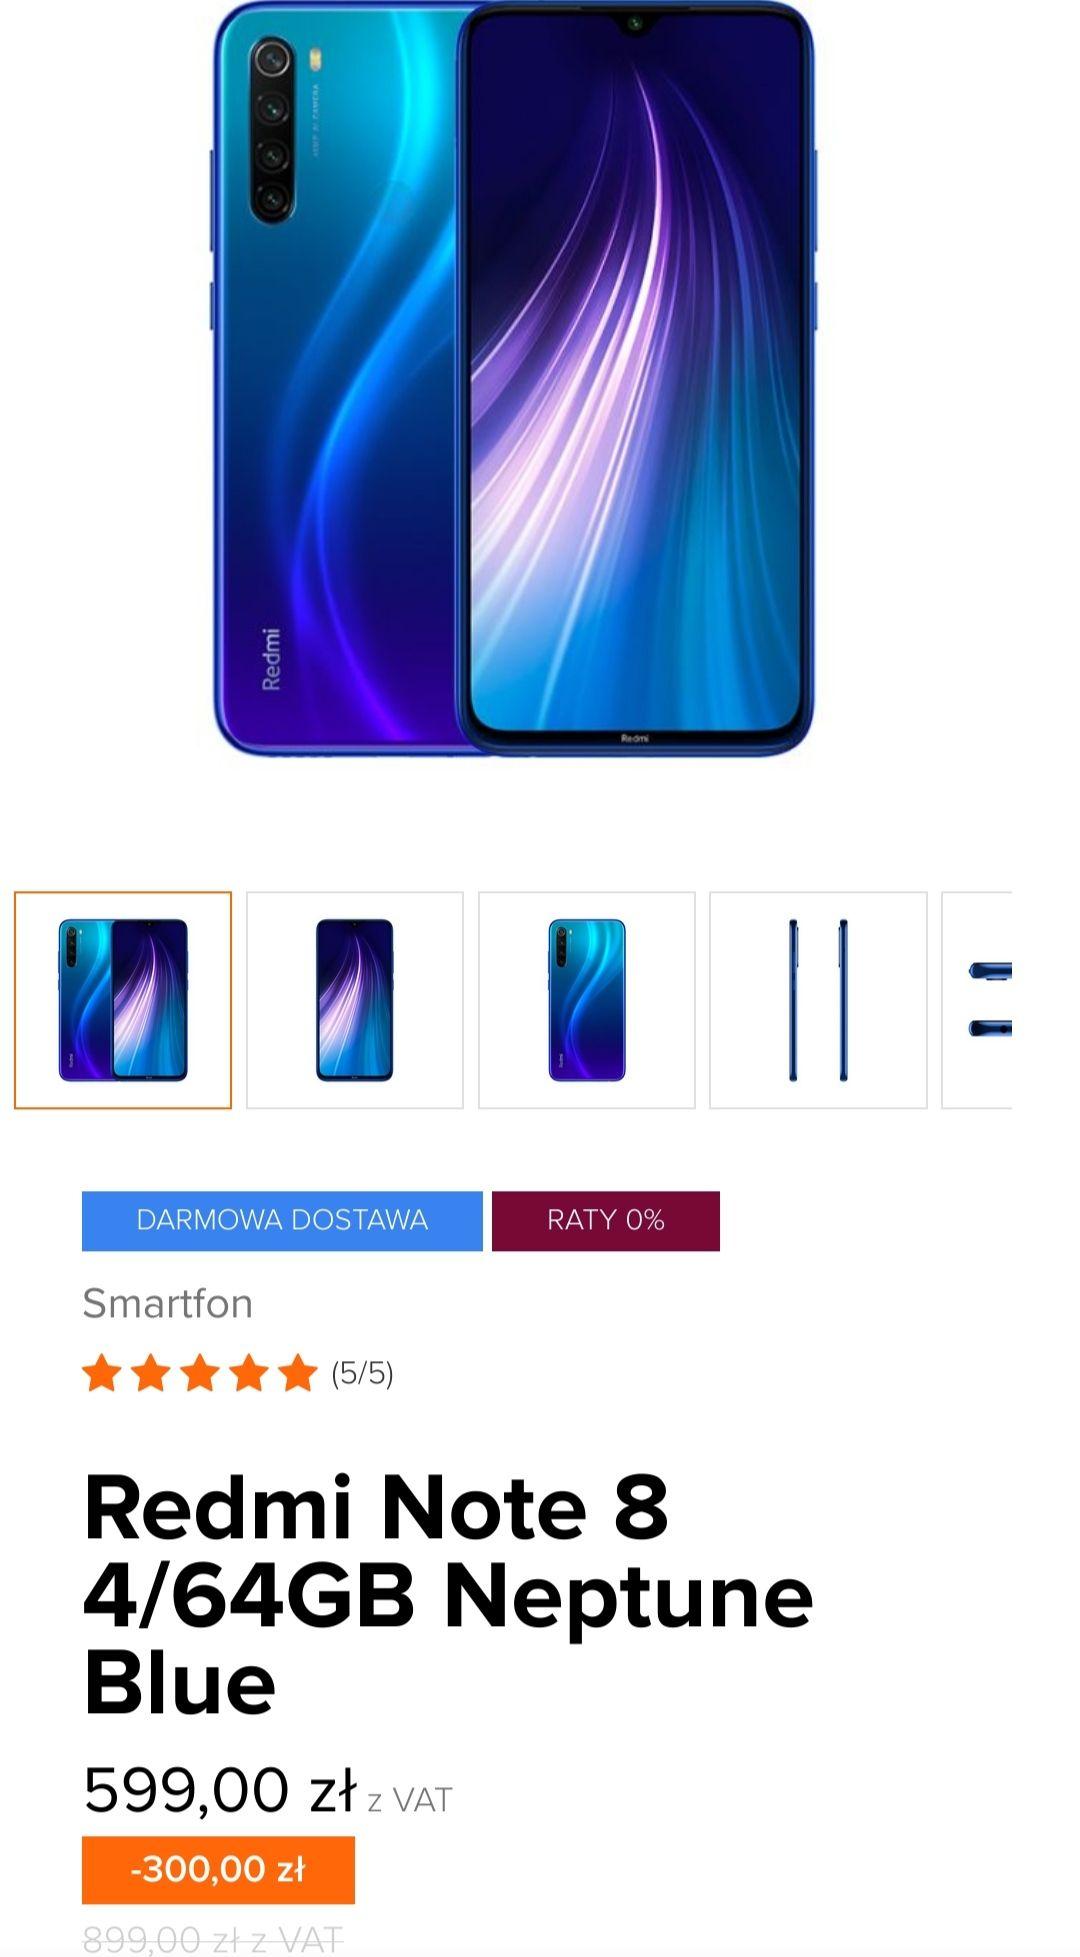 Xiaomi Redmi Note 8 4/64GB Neptune Blue